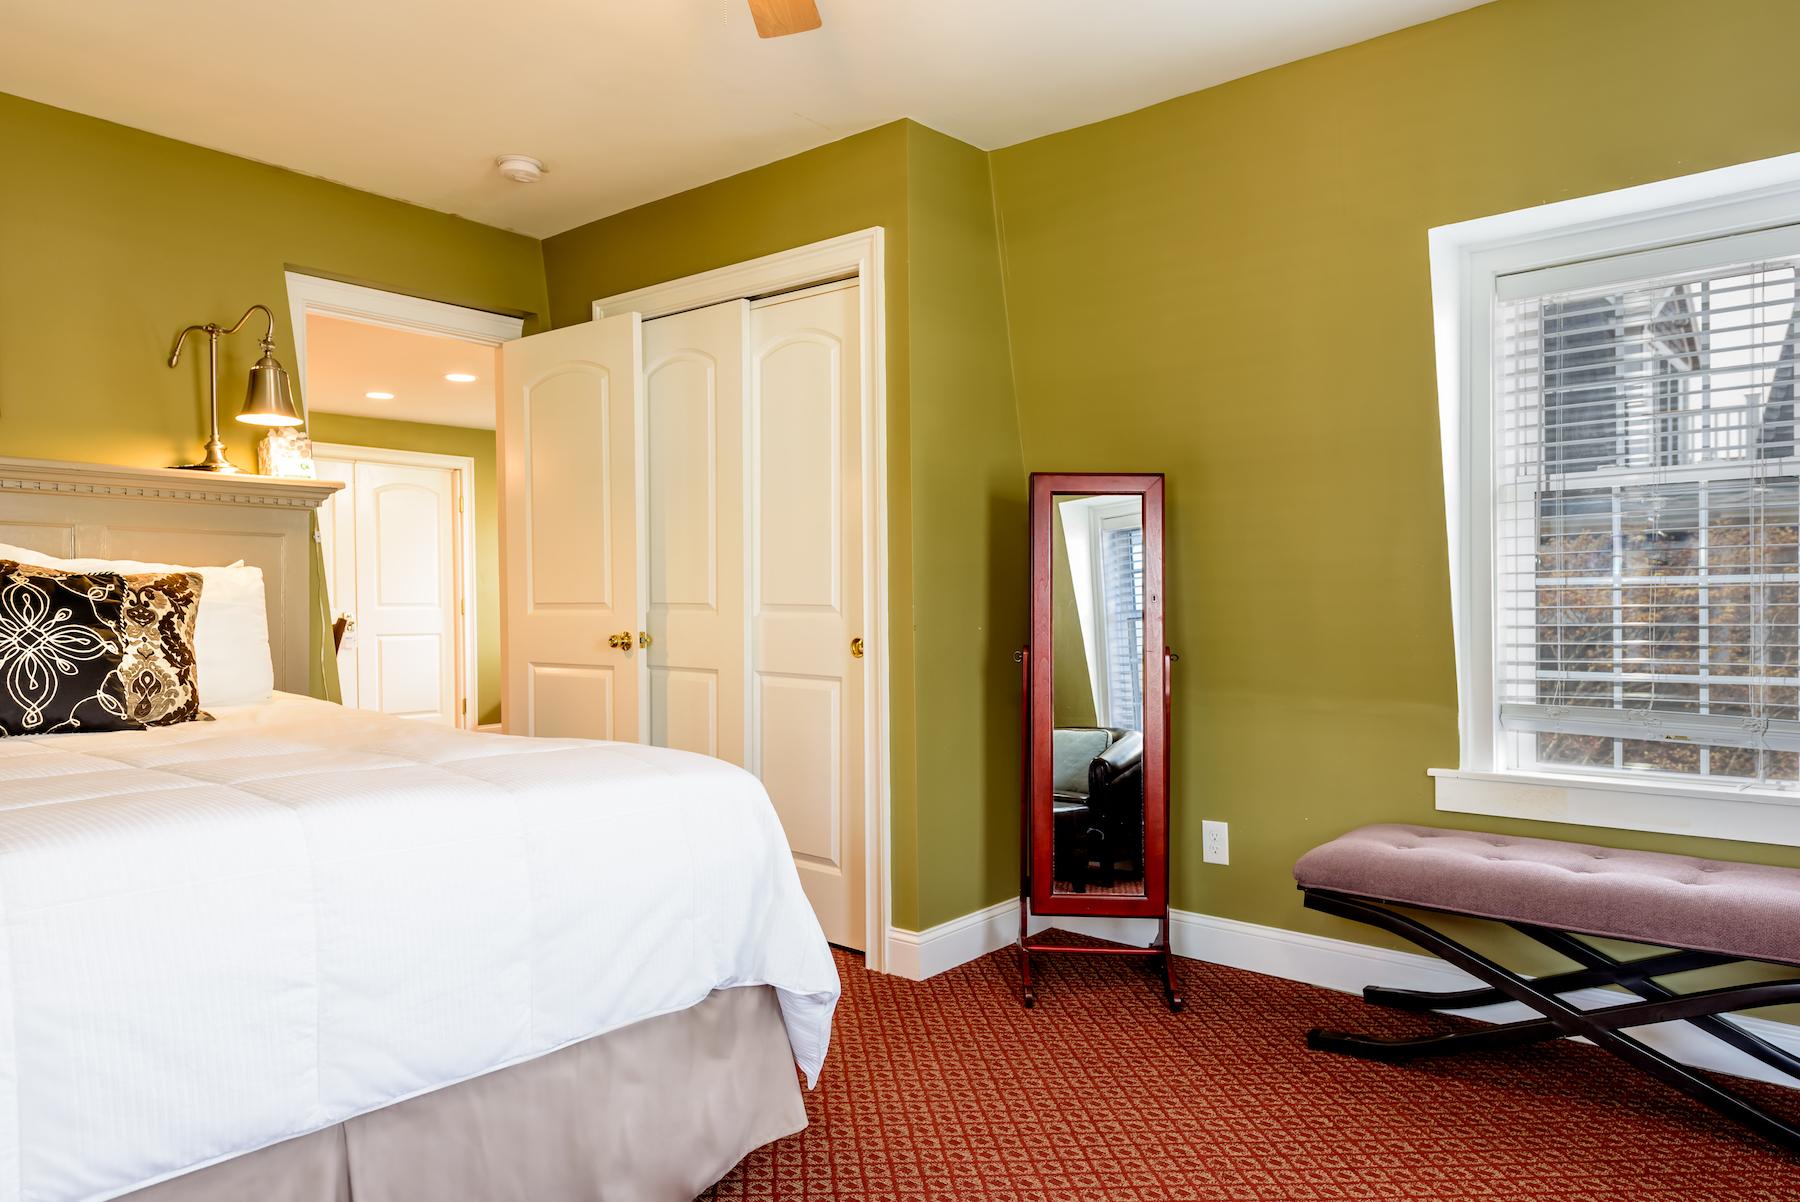 Inn-Room-10-and-Bathroom-20180503-0075-1